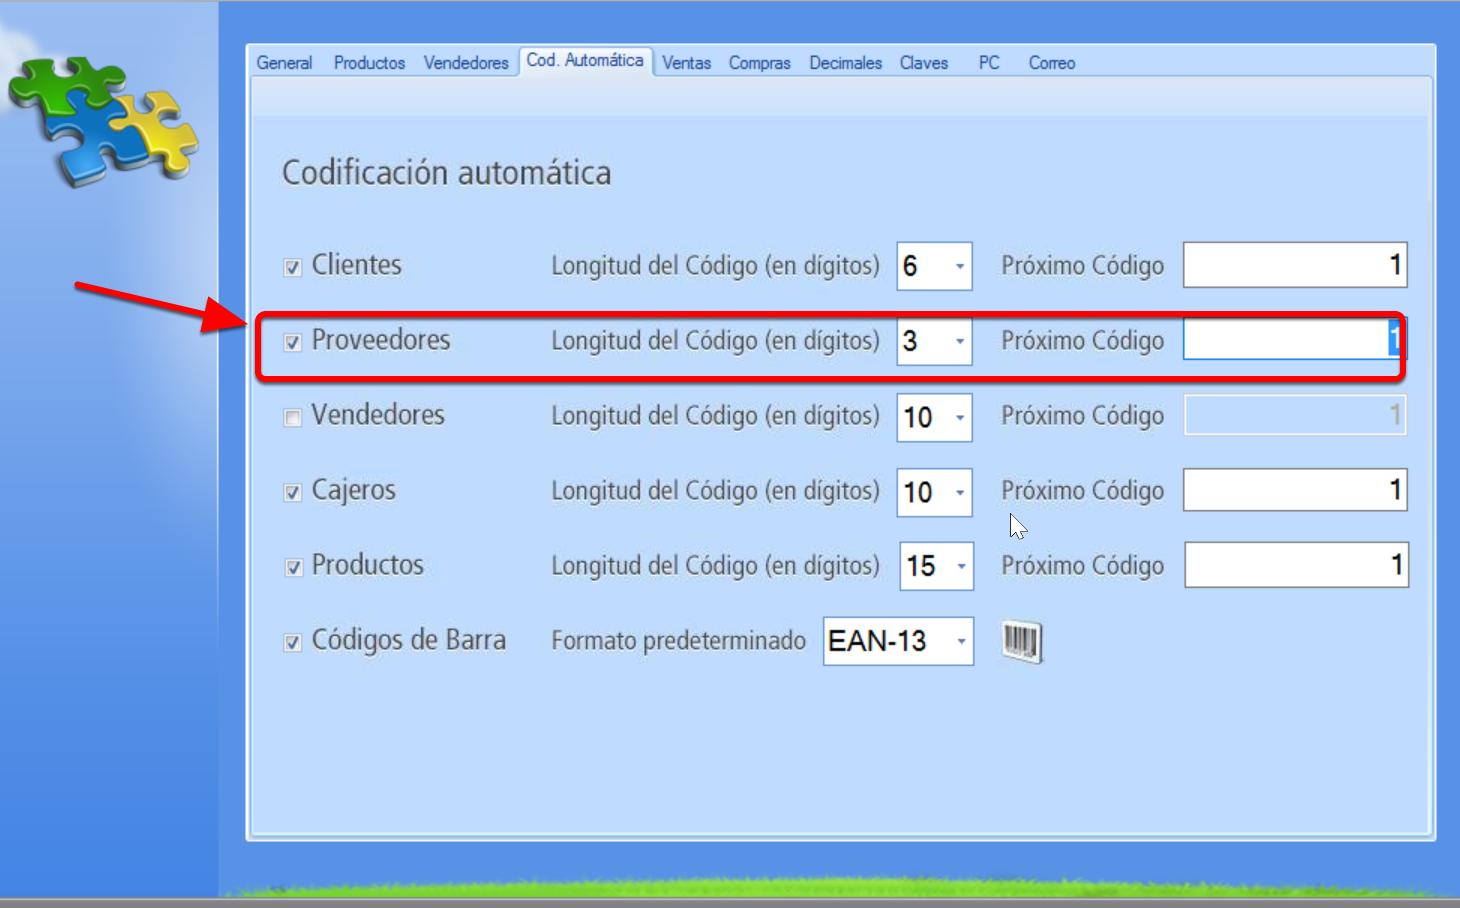 Establece la codificación automática de proveedores